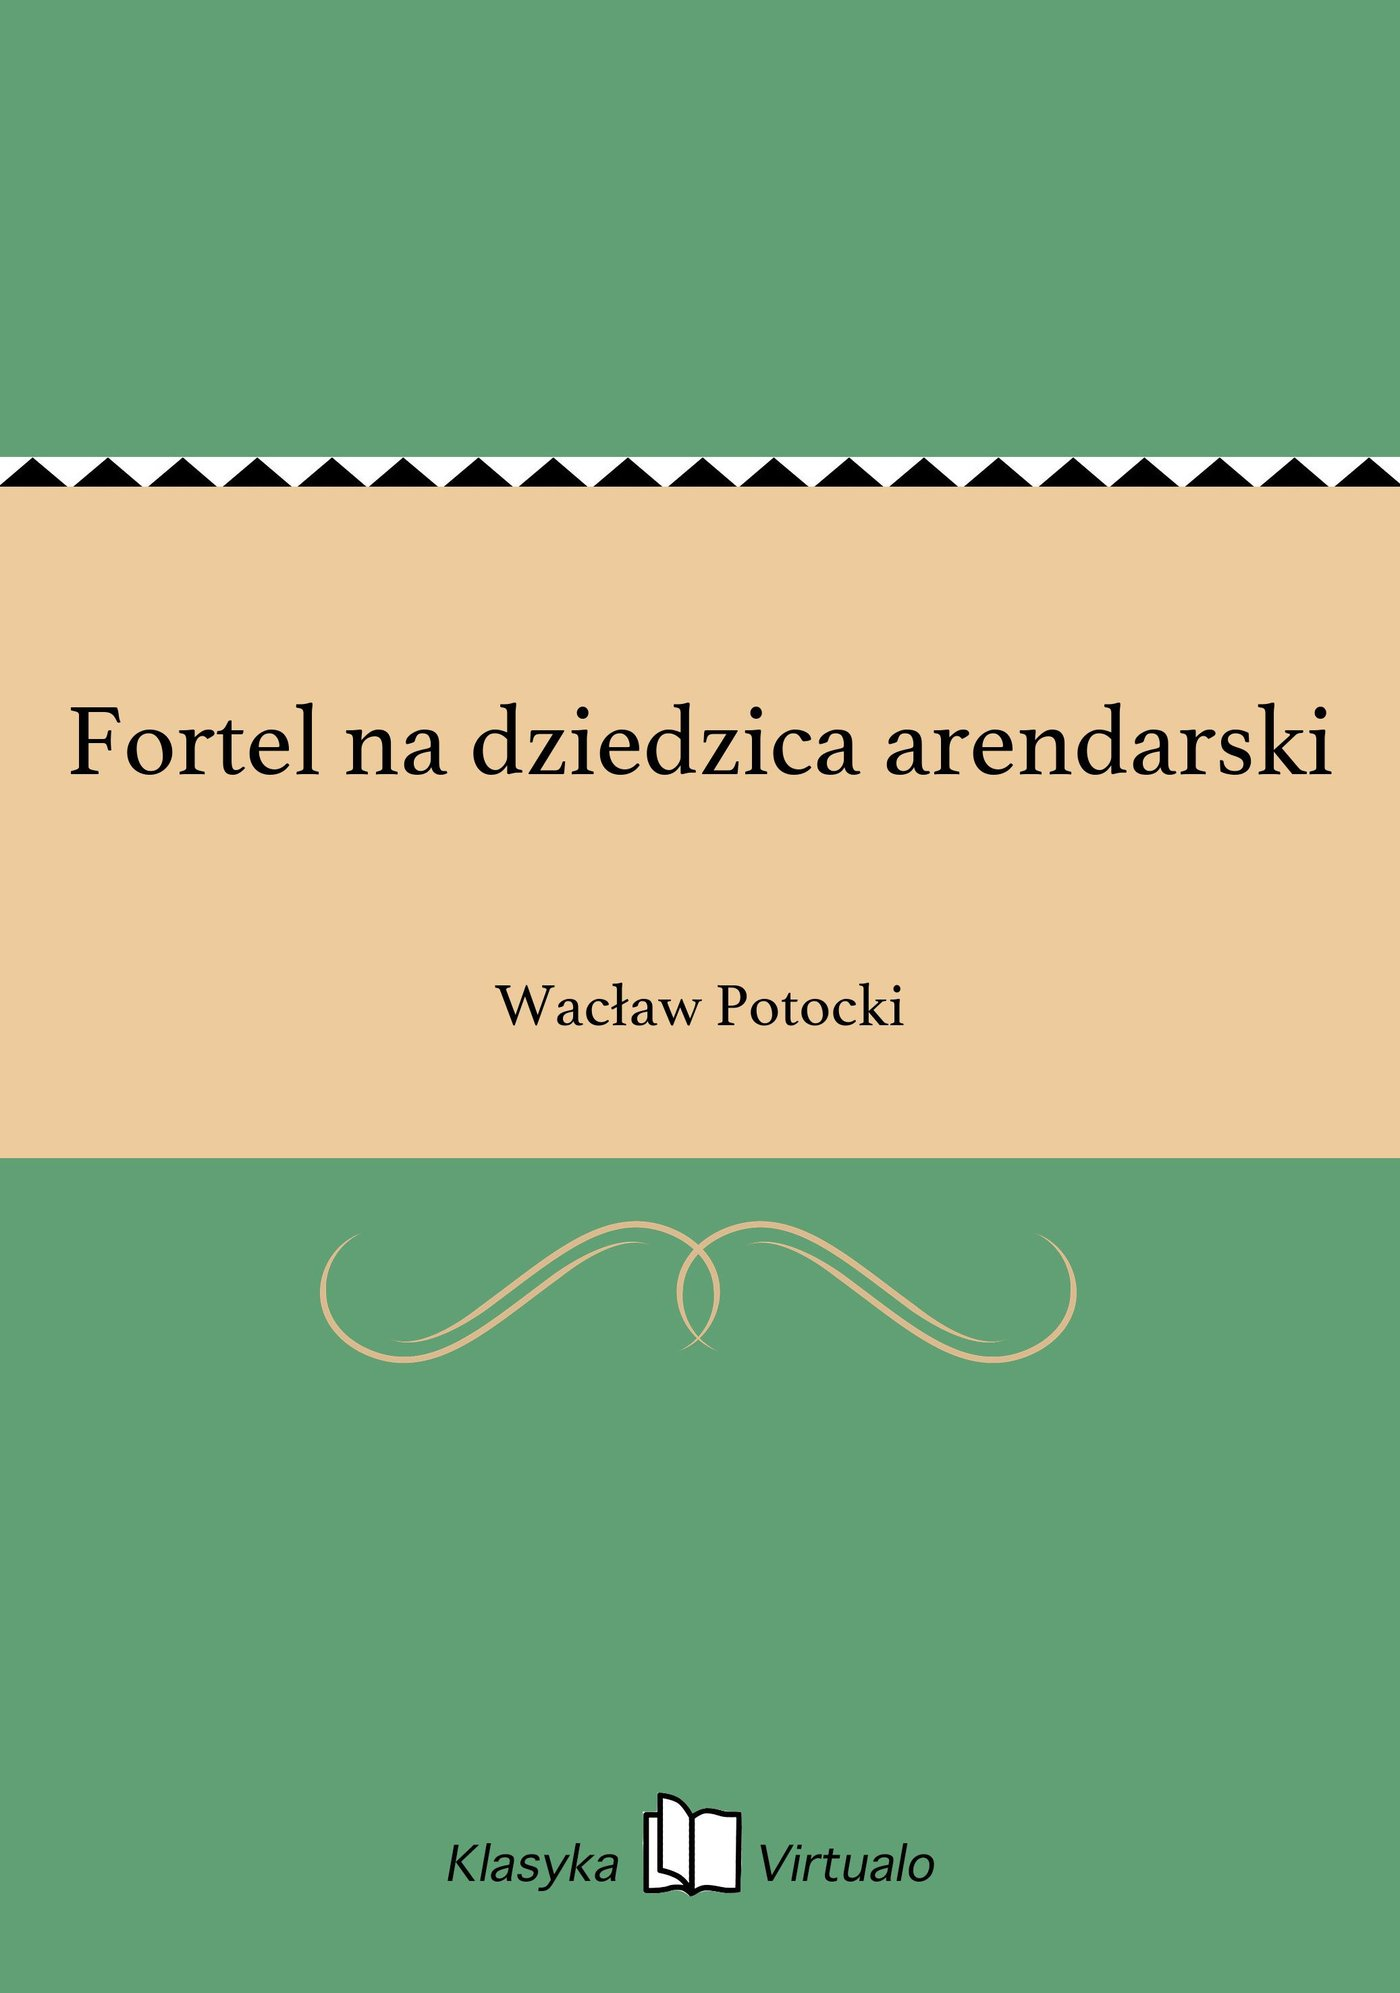 Fortel na dziedzica arendarski - Ebook (Książka EPUB) do pobrania w formacie EPUB